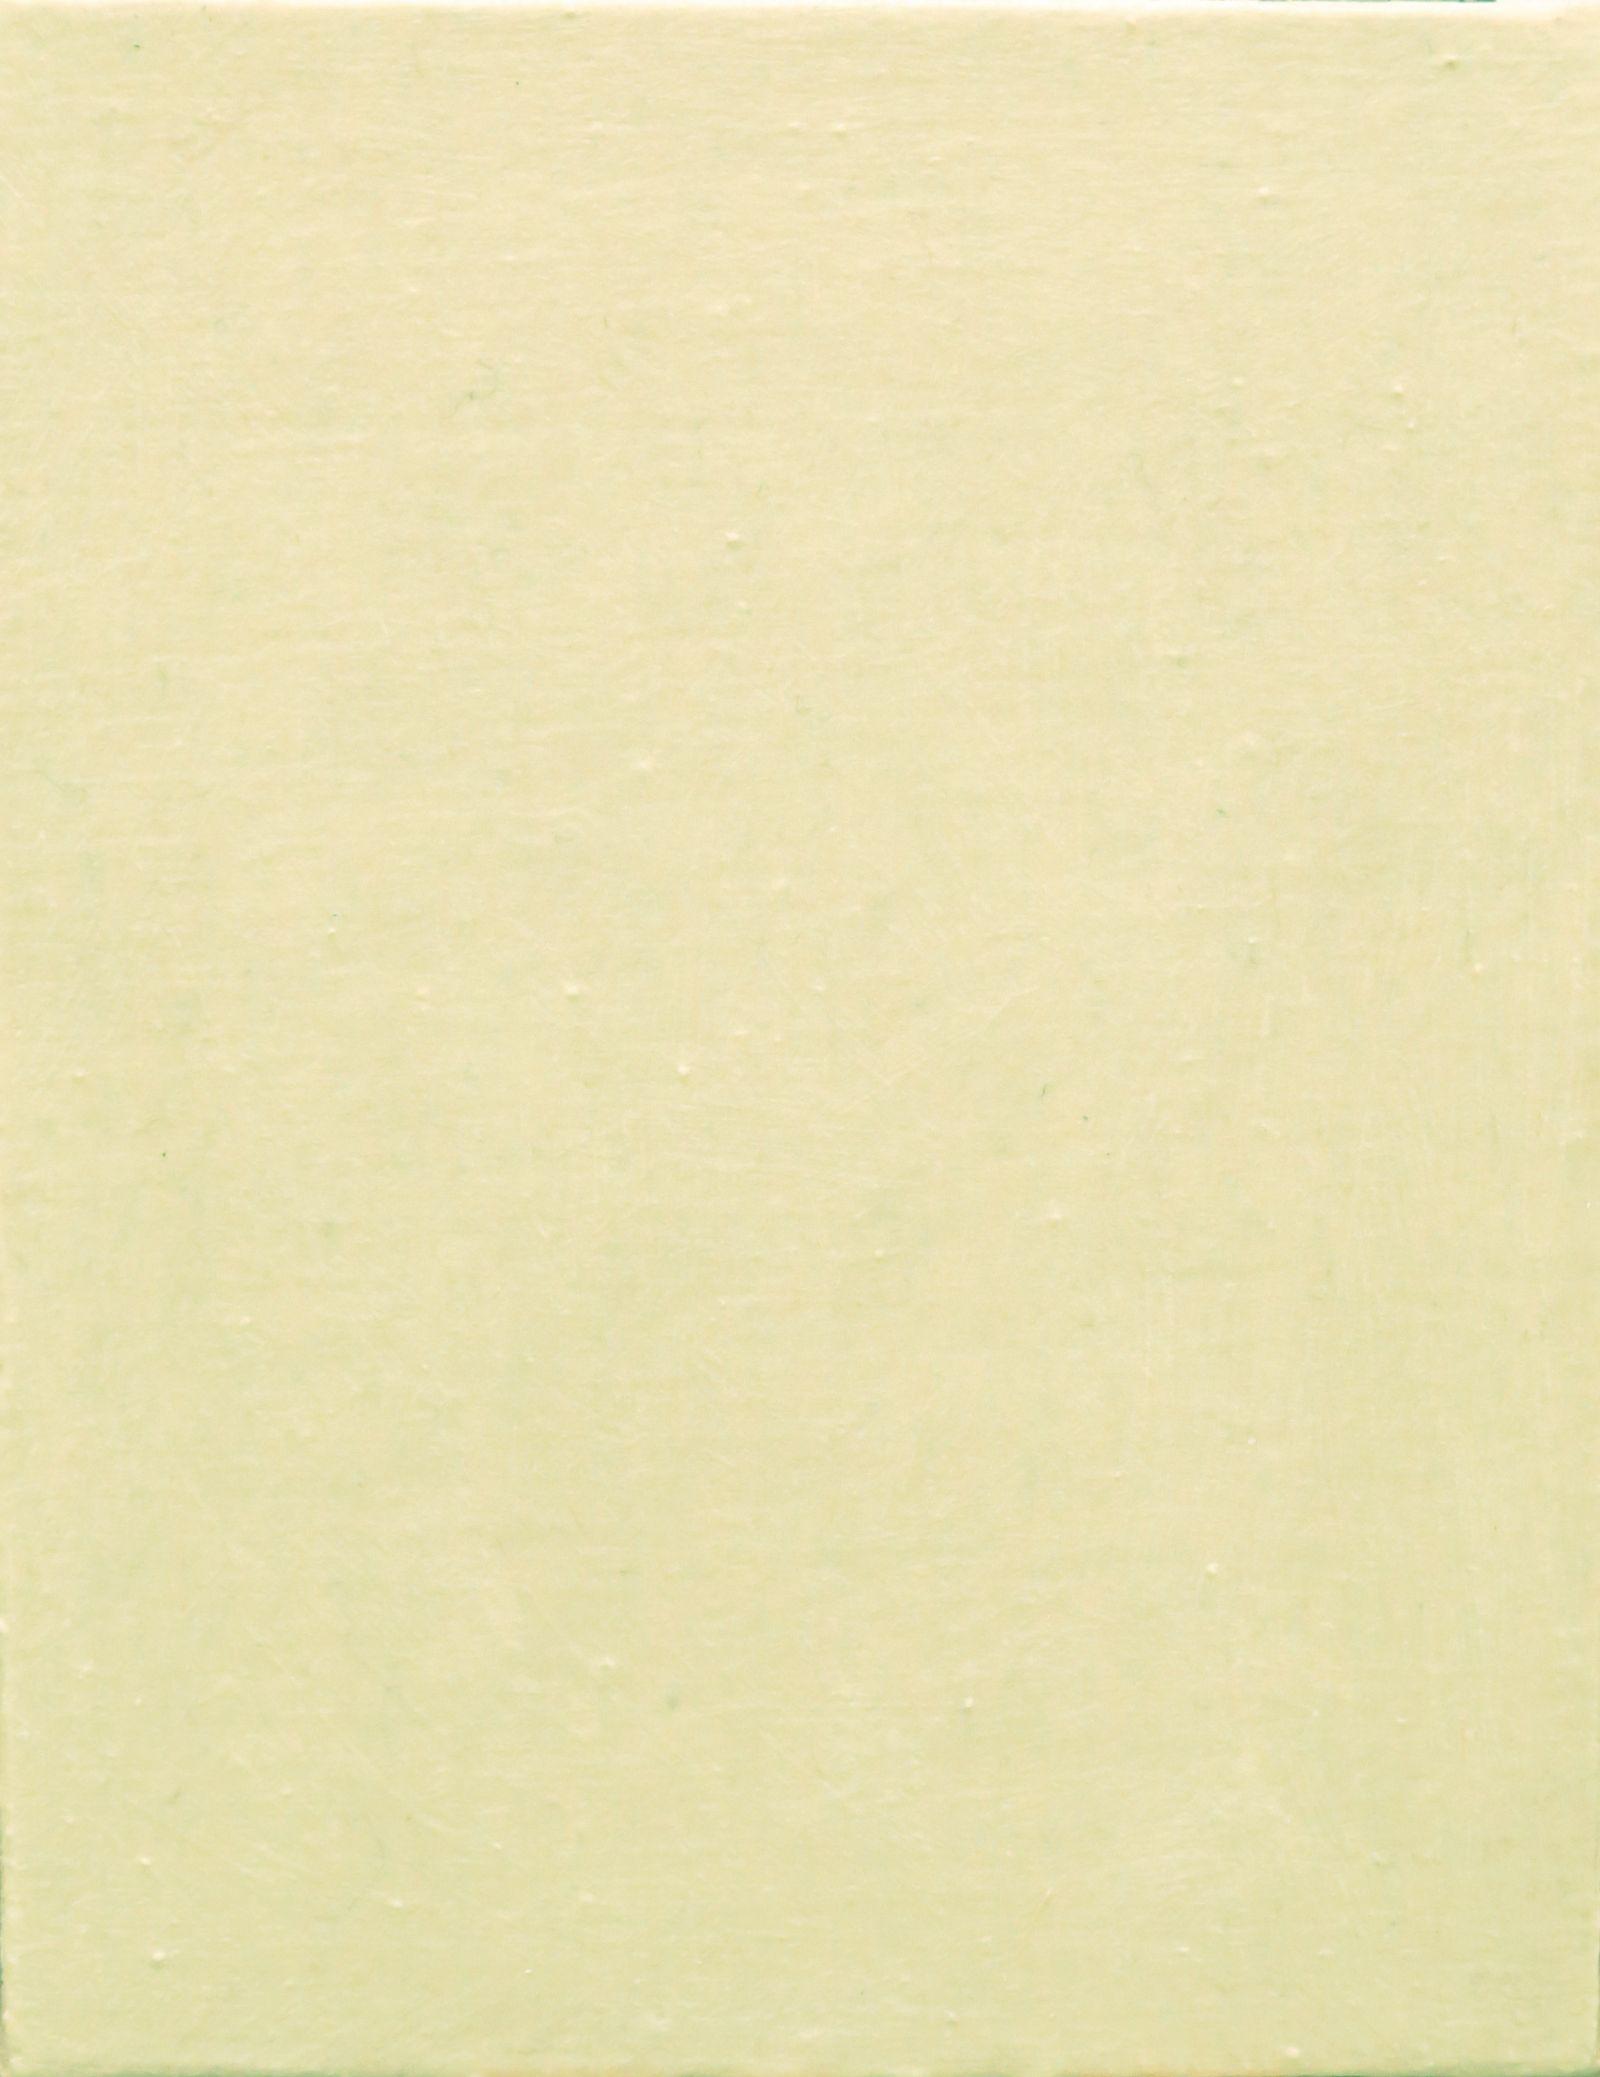 gen-peintureachromatique_acrylique-et-pigment-phosphorescent-sur-toile_18x14cm_2018_400e-d543c2d3e8390629f39b0459c00dc651